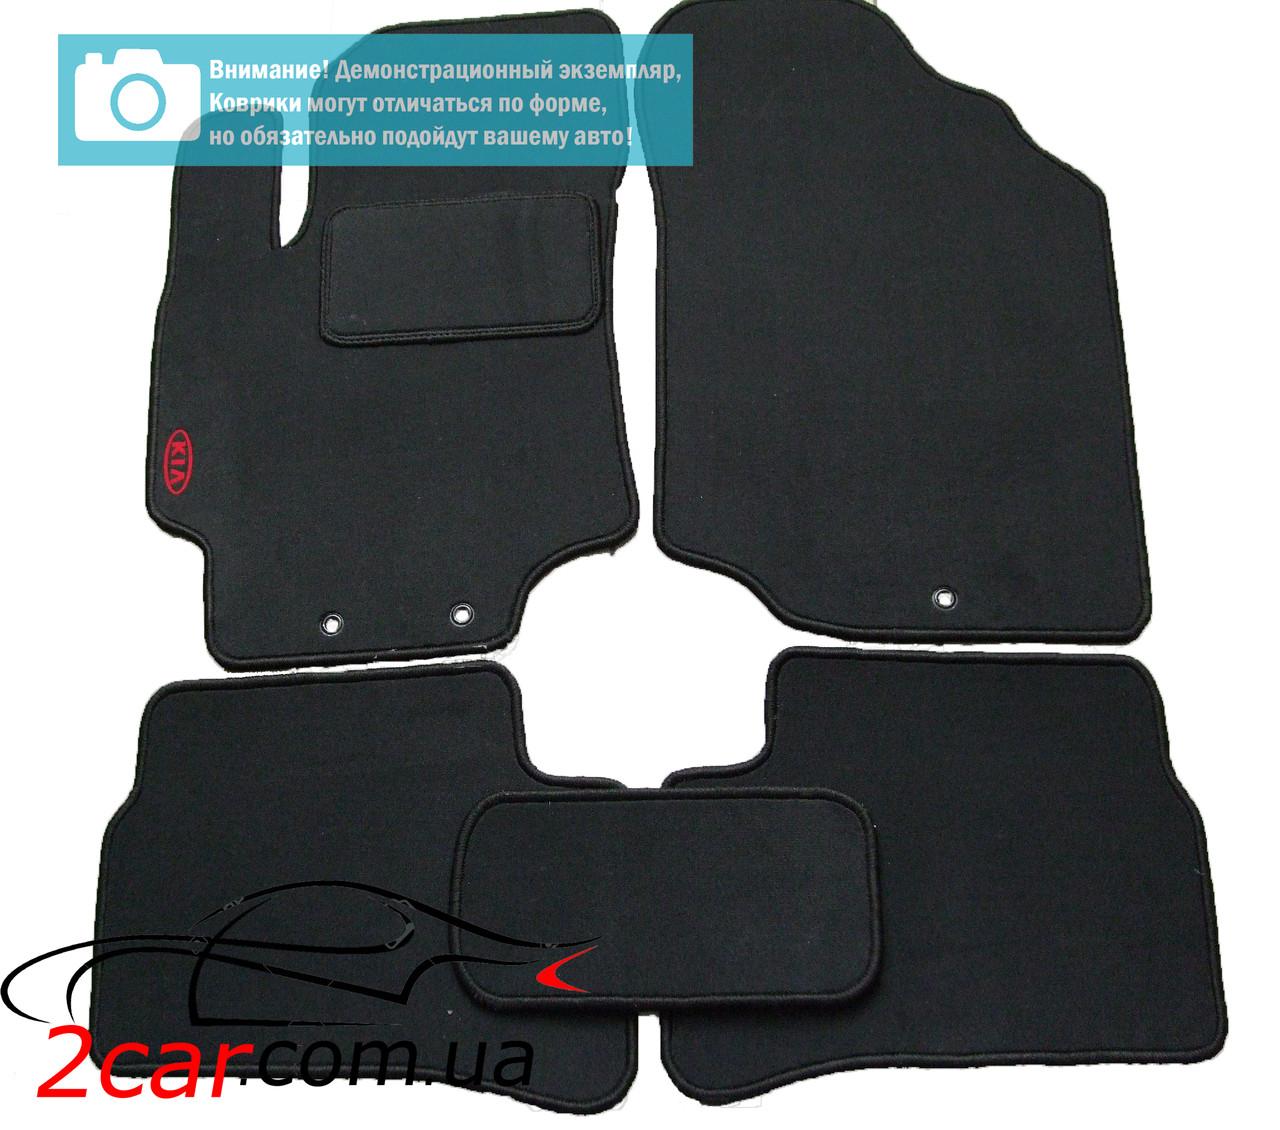 Текстильные коврики в салон для Subaru Forester (2002-2008) (чёрный) (